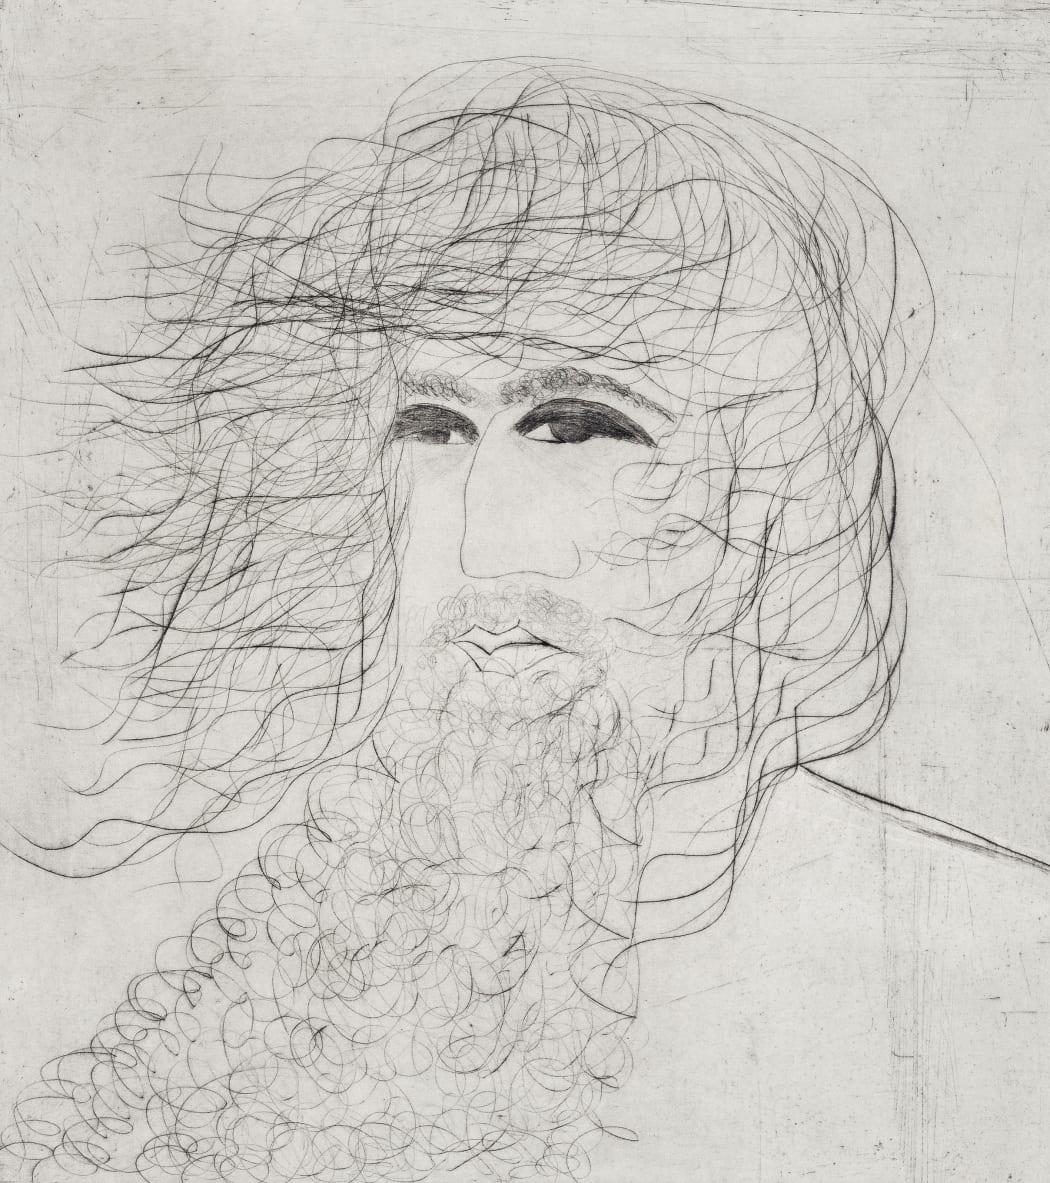 Kate Boxer, Heraclitus, drypoint, 57 x 51 cms